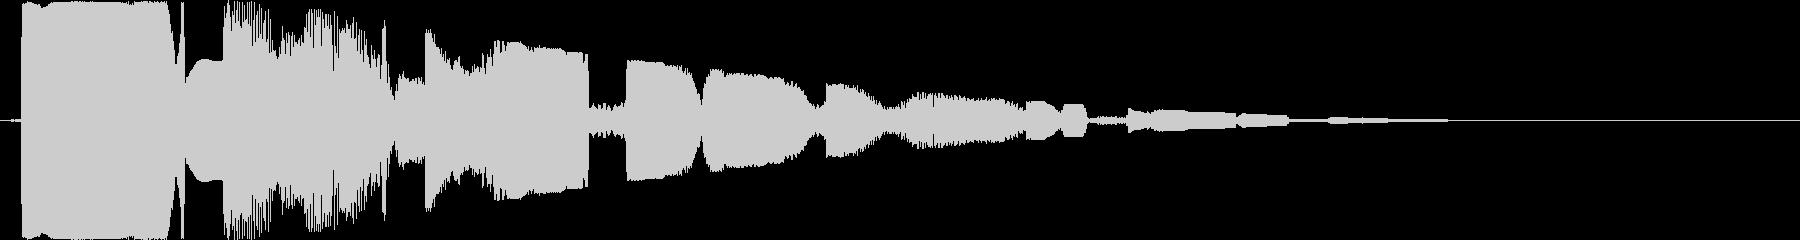 ピコピコ(空間系)の未再生の波形